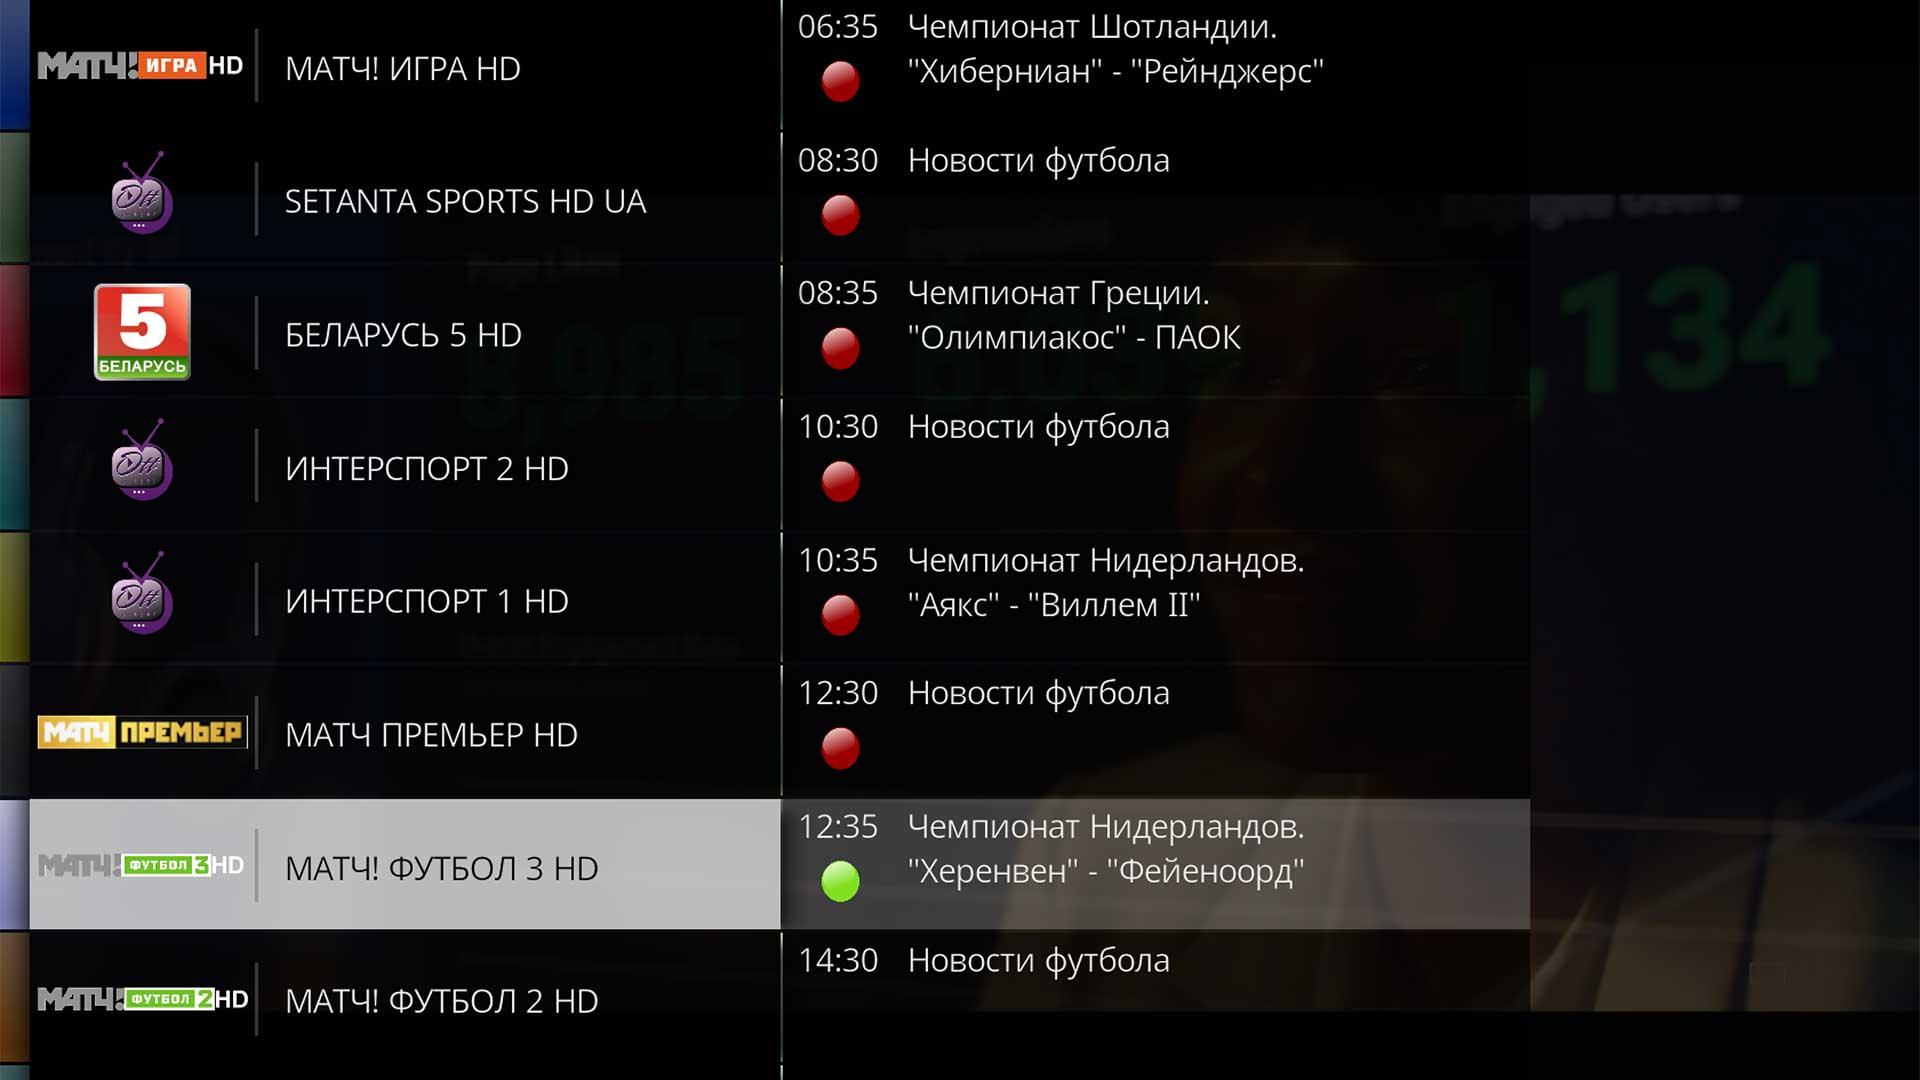 Выбор спортивного канала SPUTNIK TV для просмотра